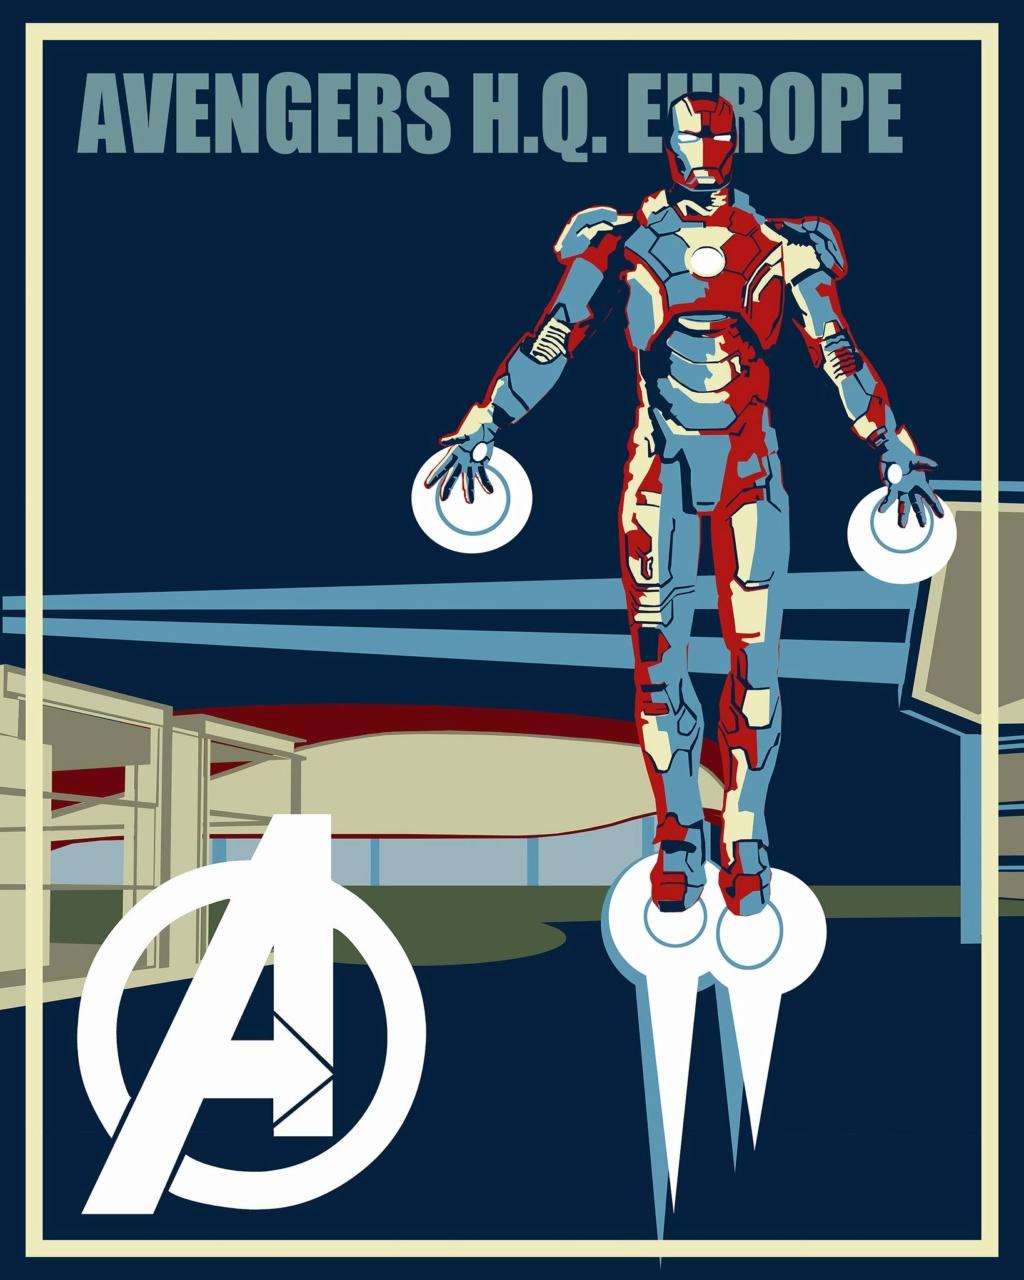 Avengers Campus [Parc Walt Disney Studios - 2022] - Page 28 Etaqtf10